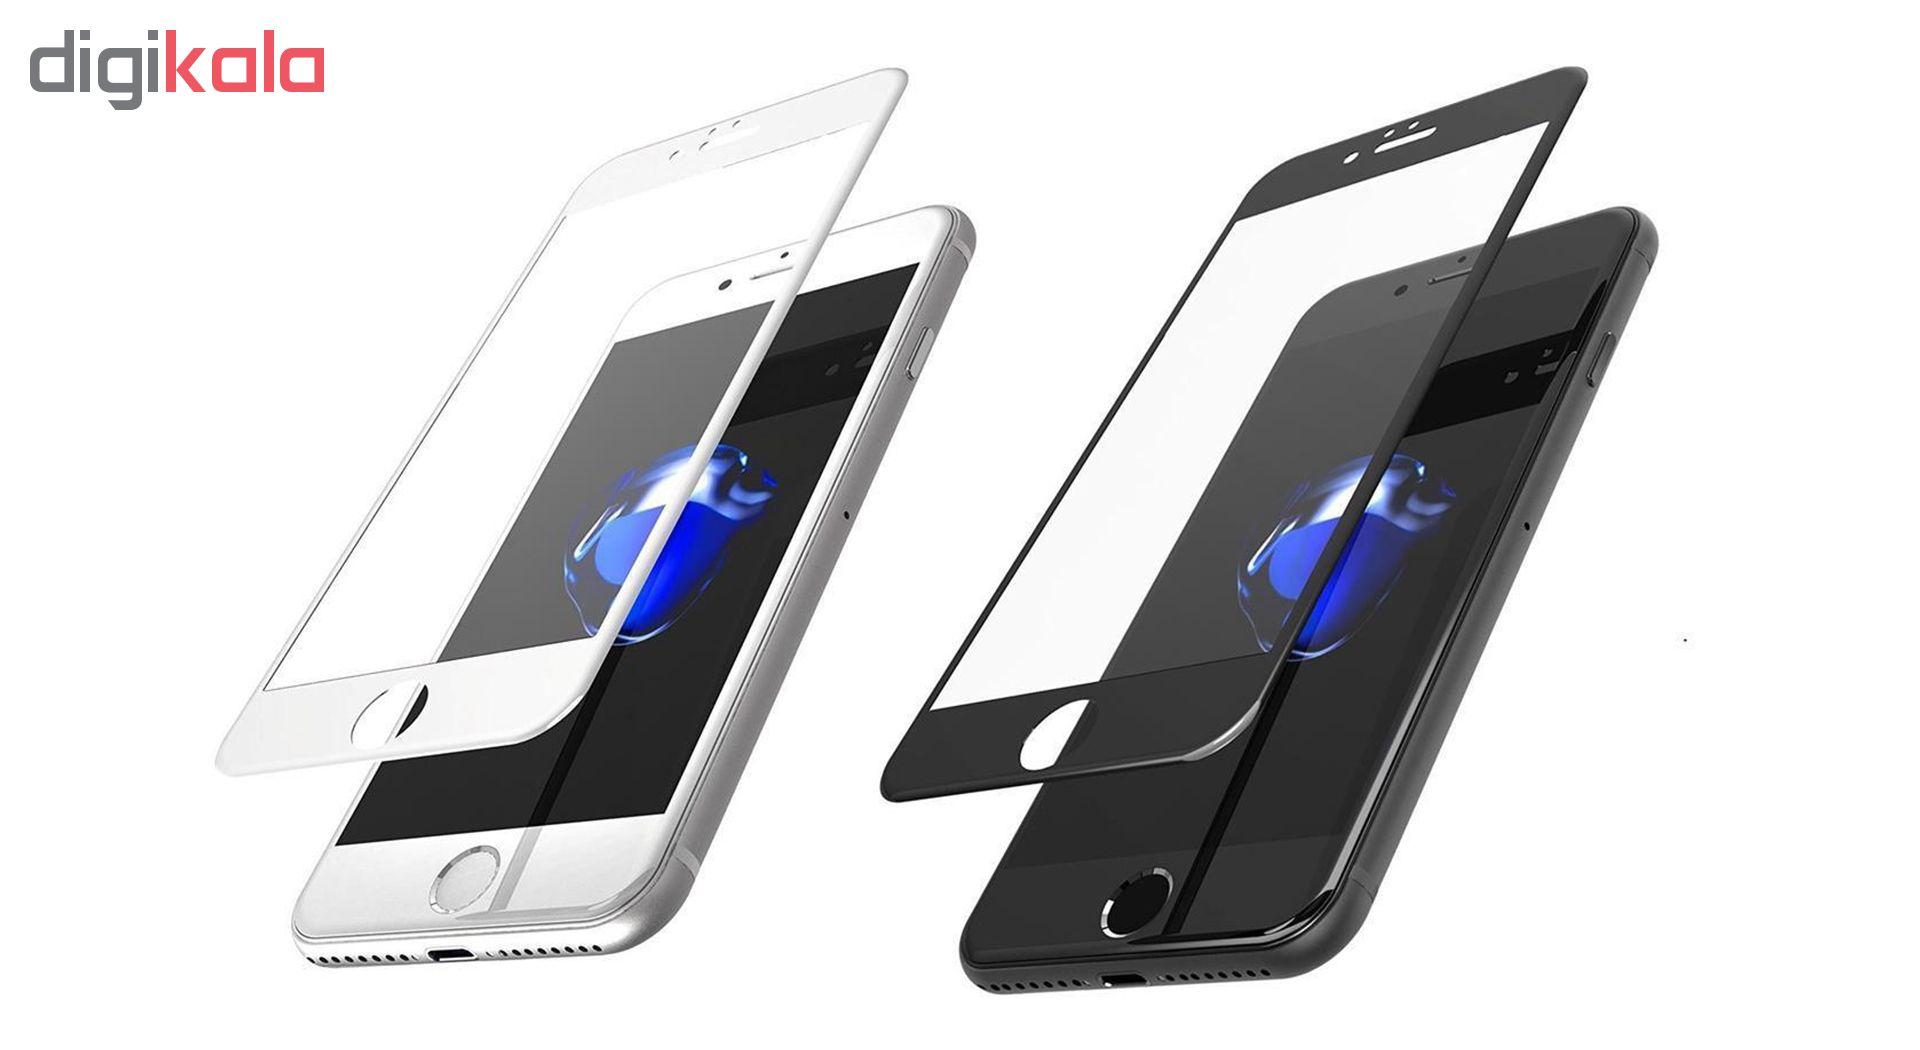 محافظ صفحه نمایش گلدن ایگل مدل 5D Expert Shield مناسب برای گوشی اپل آیفون  7/8 main 1 6